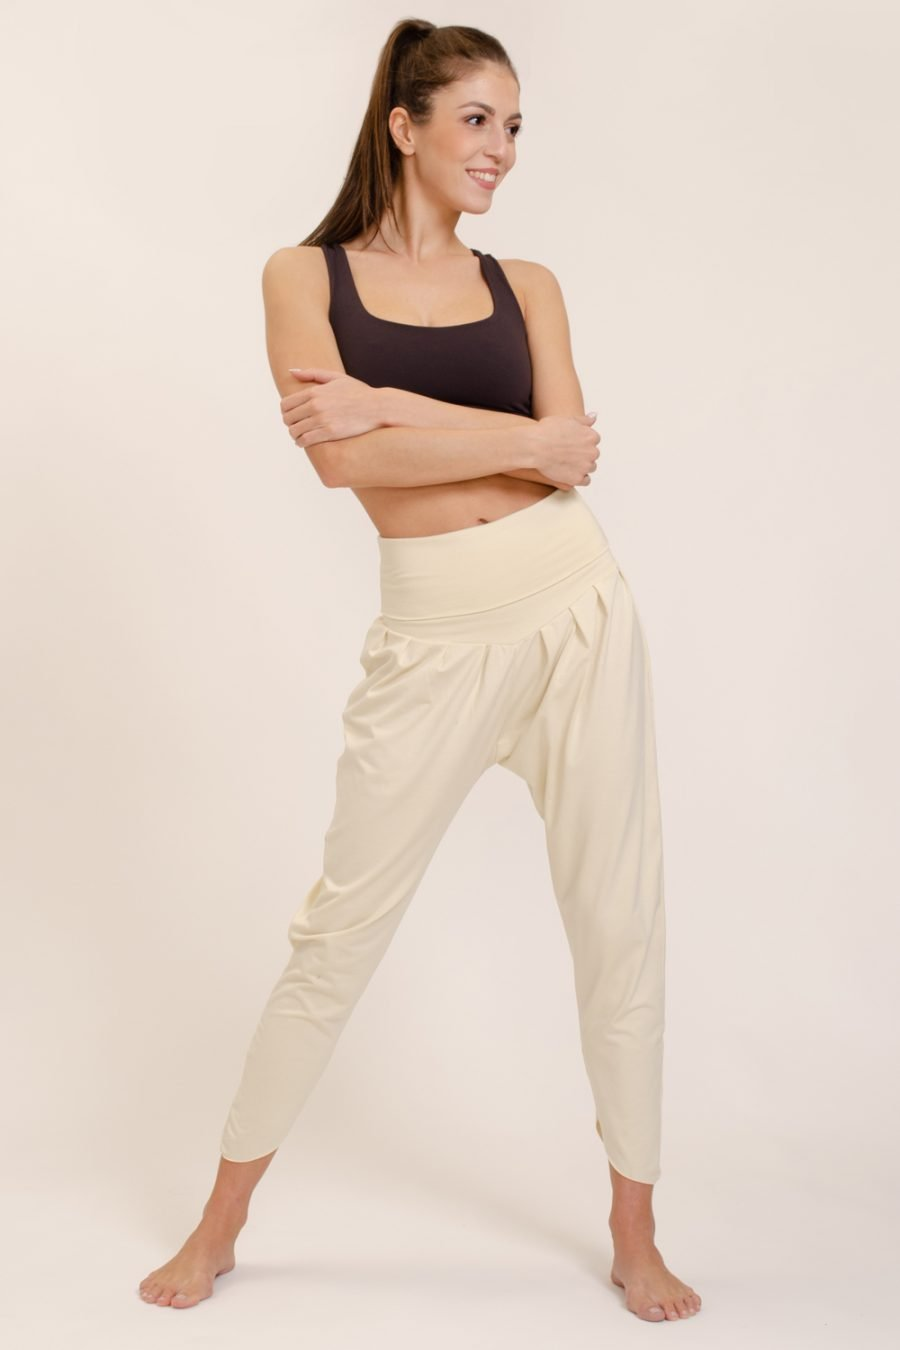 pantalone shakti abbigliamento yoga donna made in Italy colore crema